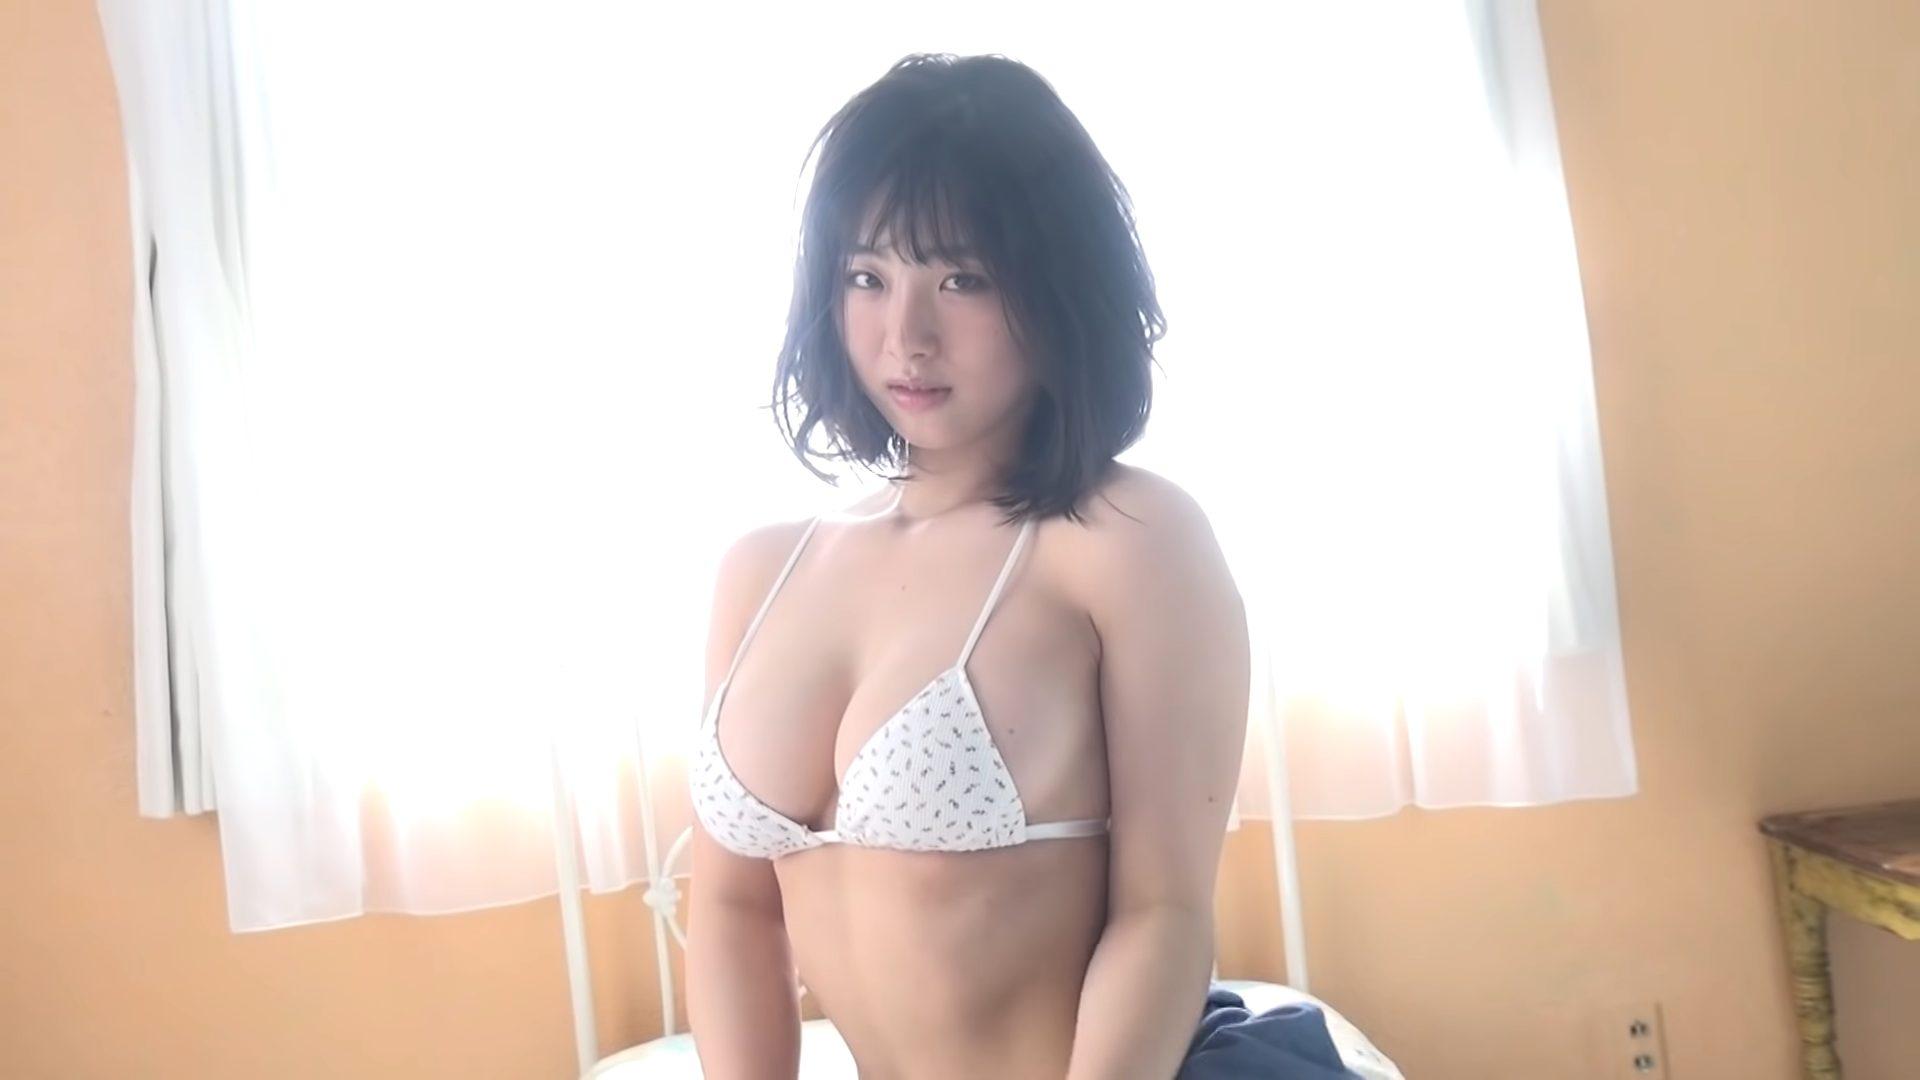 【大間乃トーコ】Hカップ 撮り下ろし動画!令和の新星!水着姿を披露!